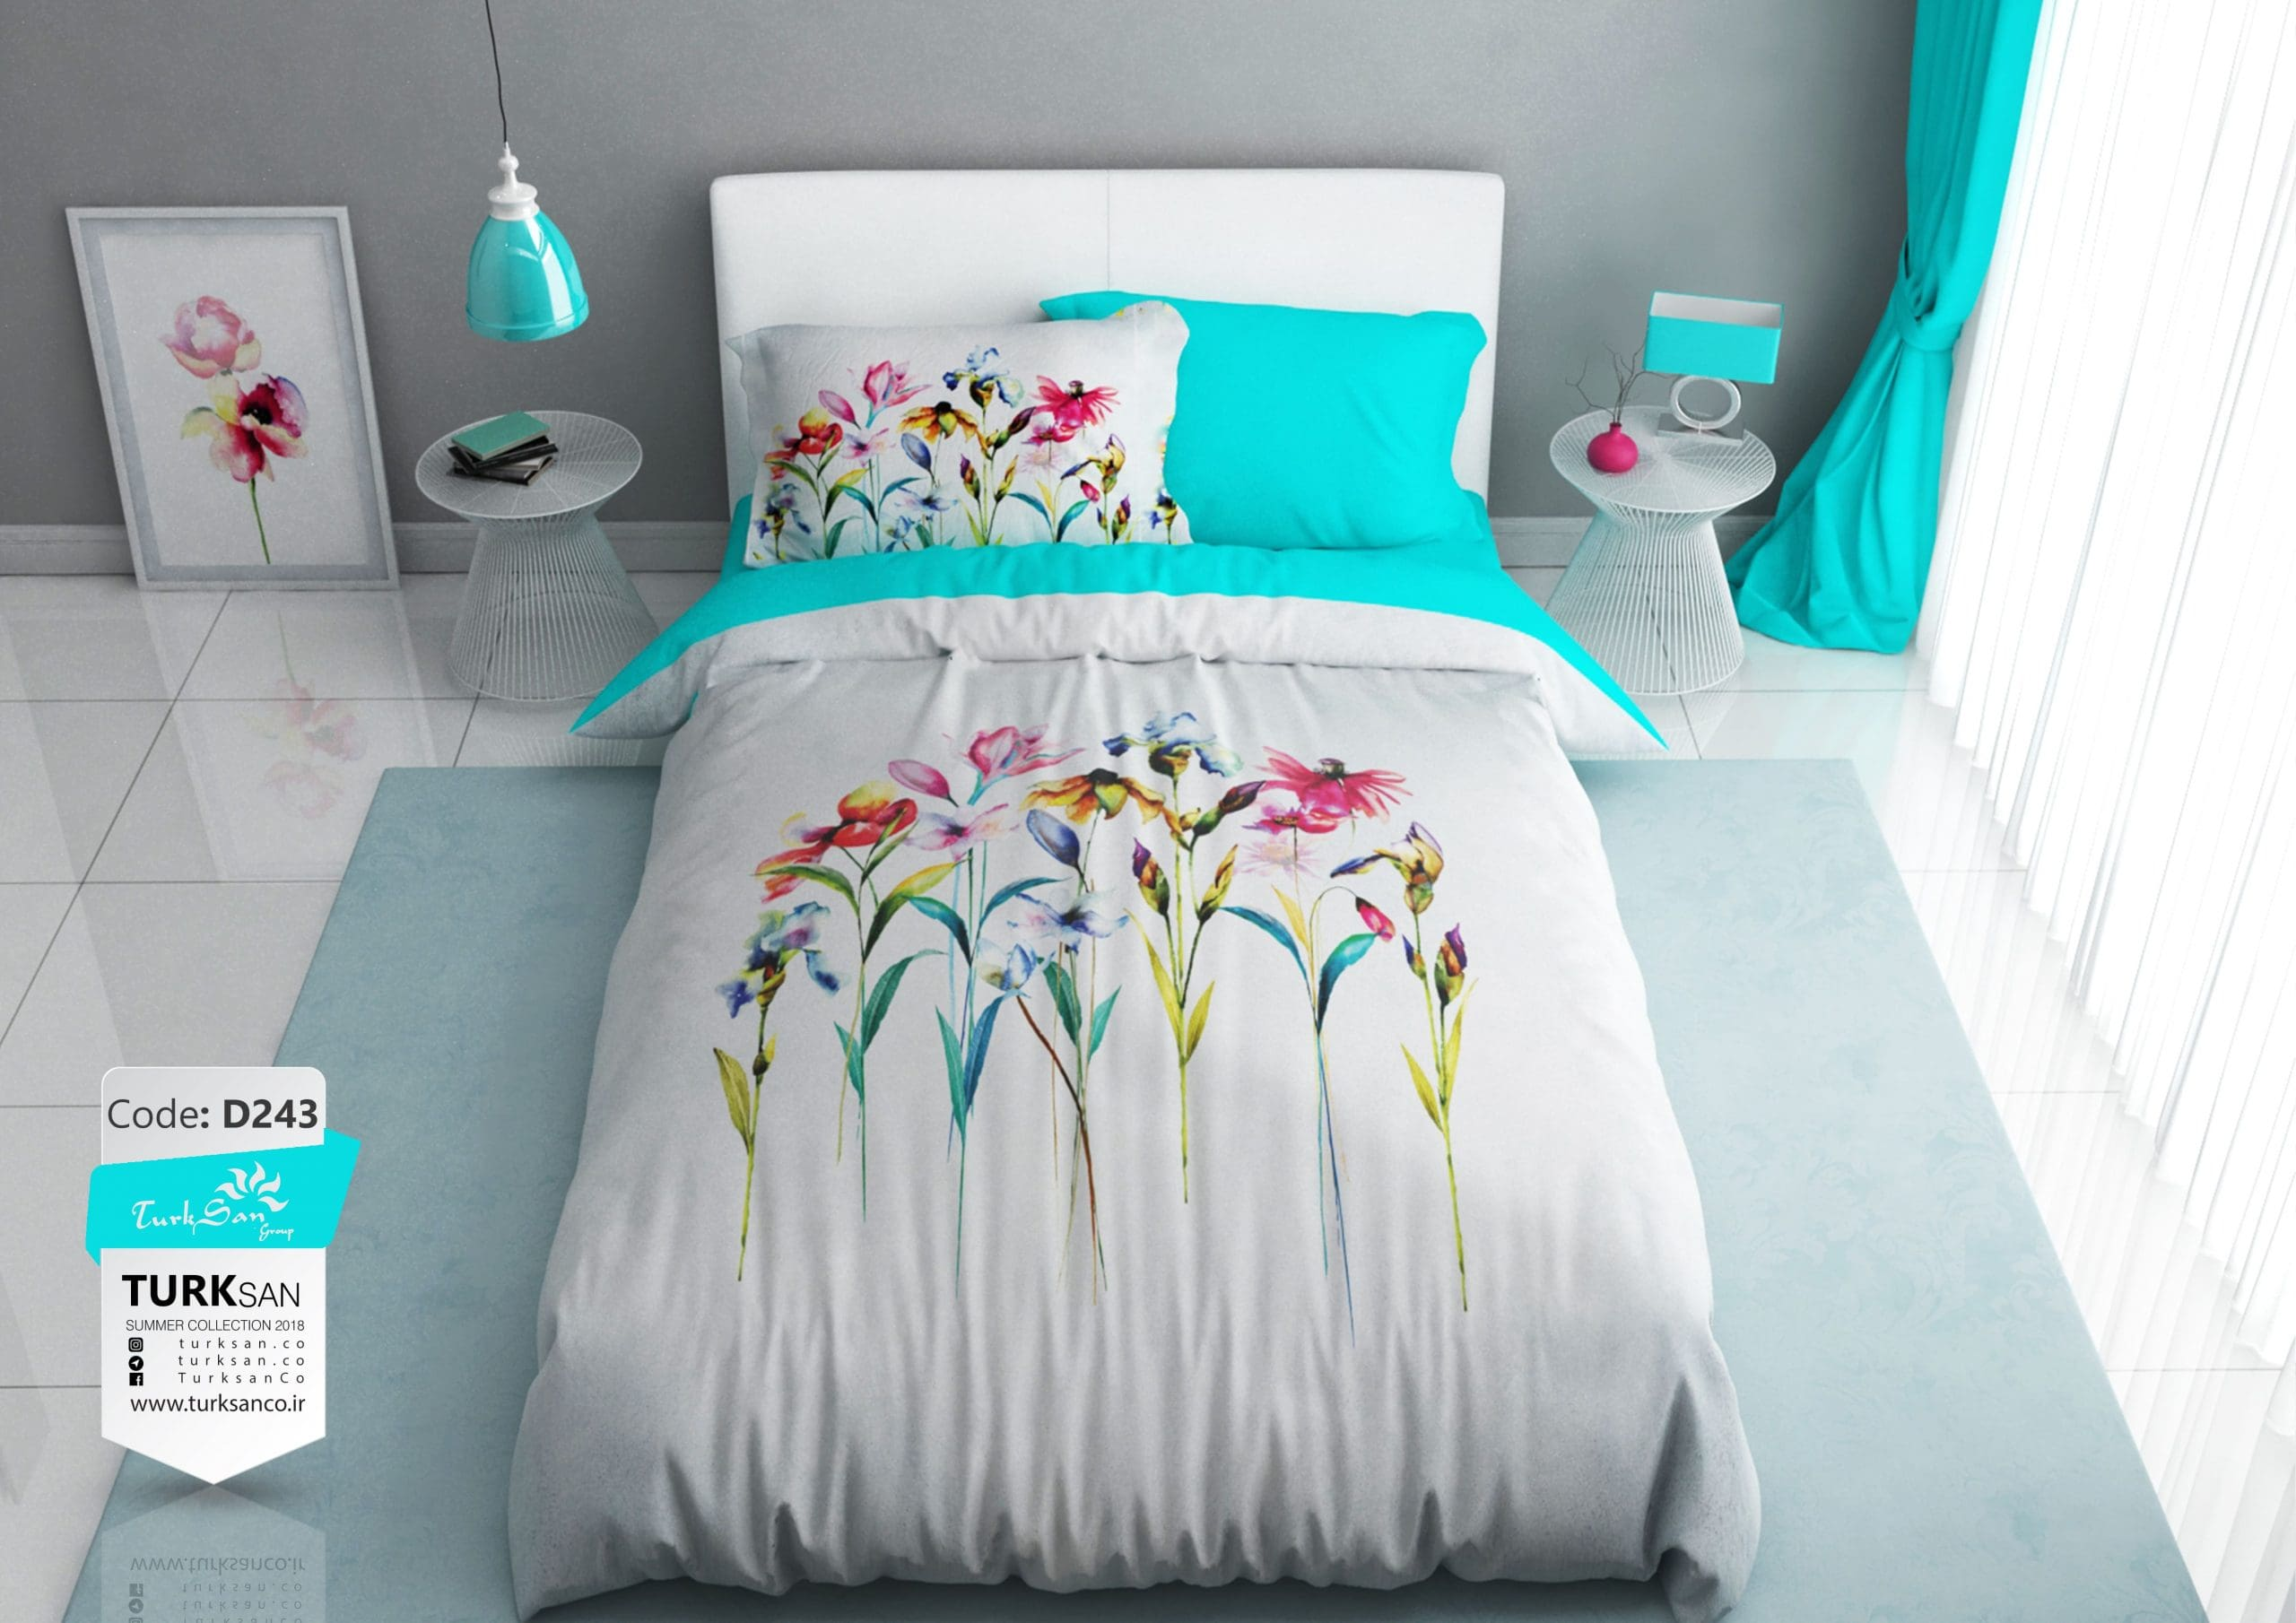 سرویس روتختی یک نفره گلدار سفید و آبی   کالای خواب بدروم